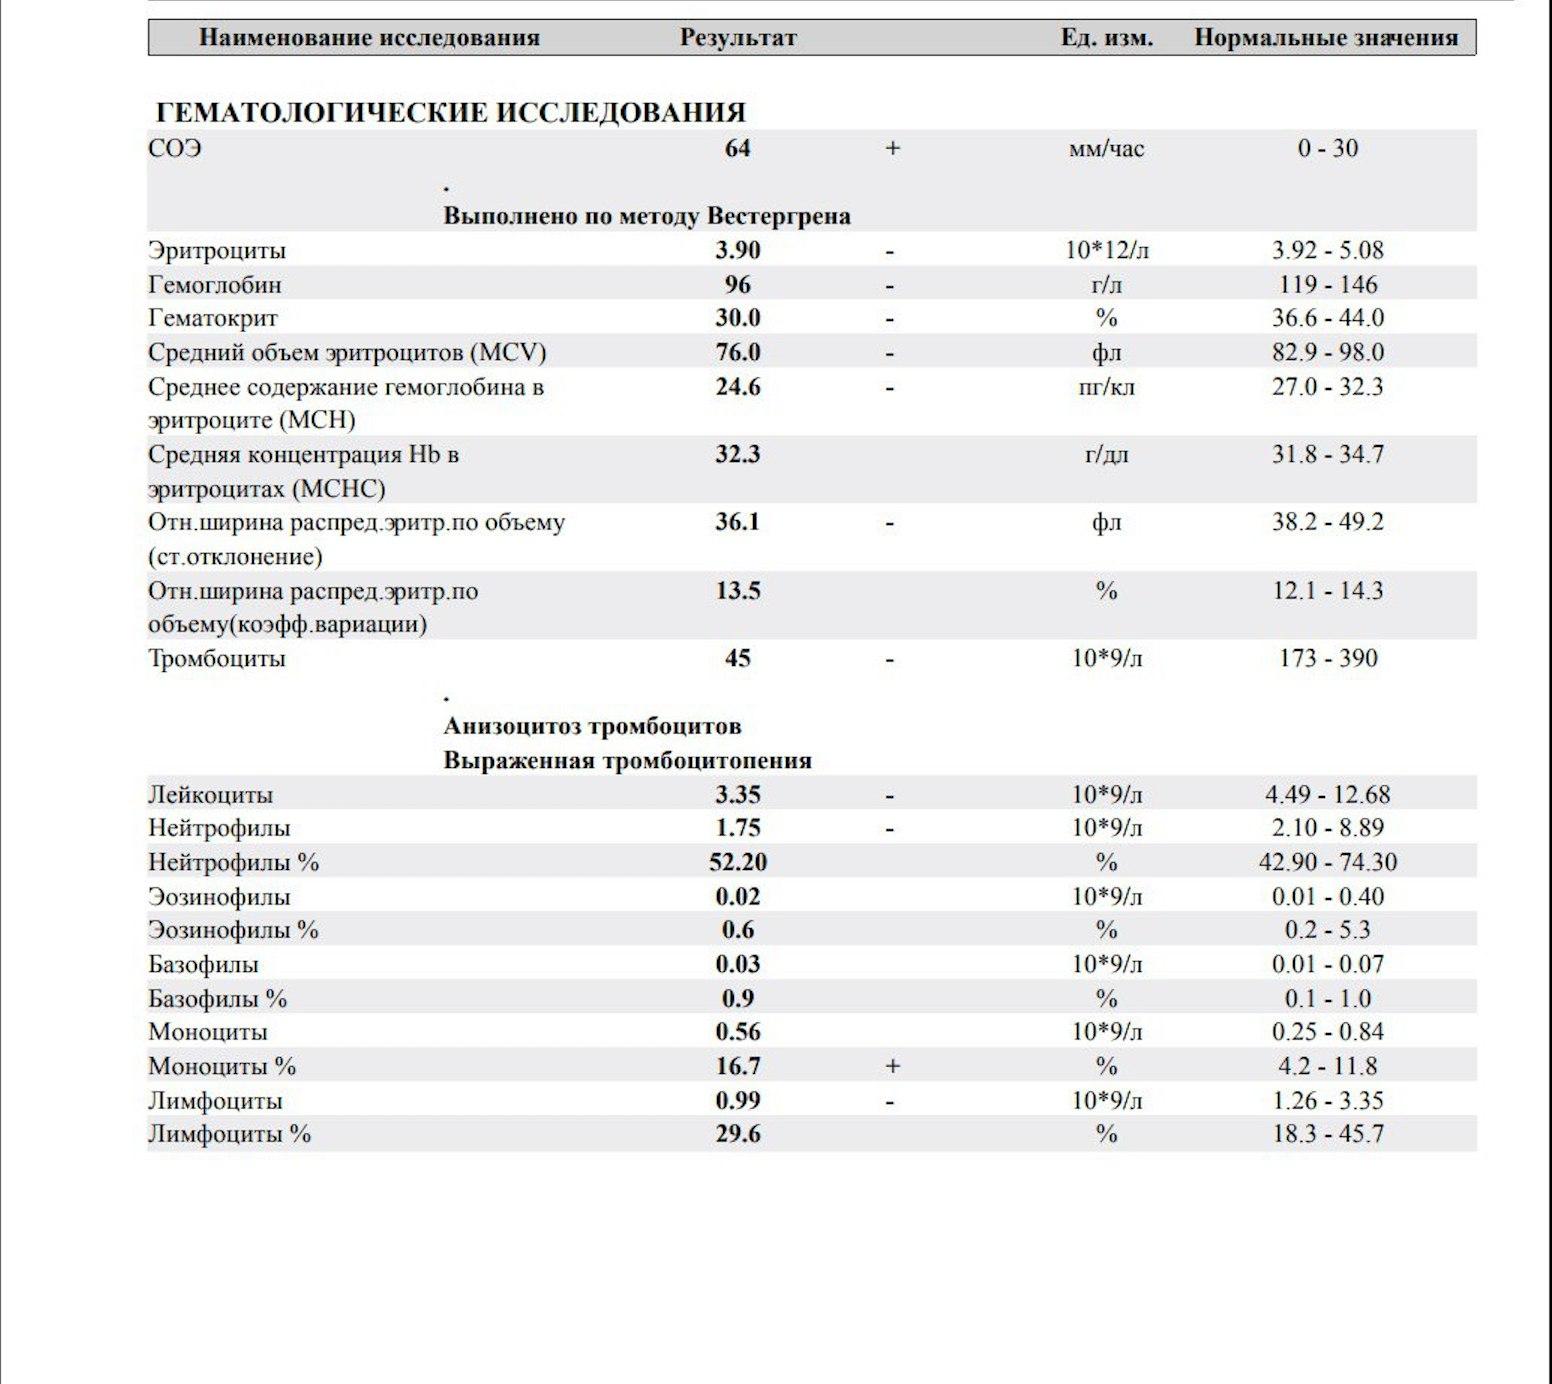 Химиотерапия общий анализ крови инстилляциями лечение хронического цистита